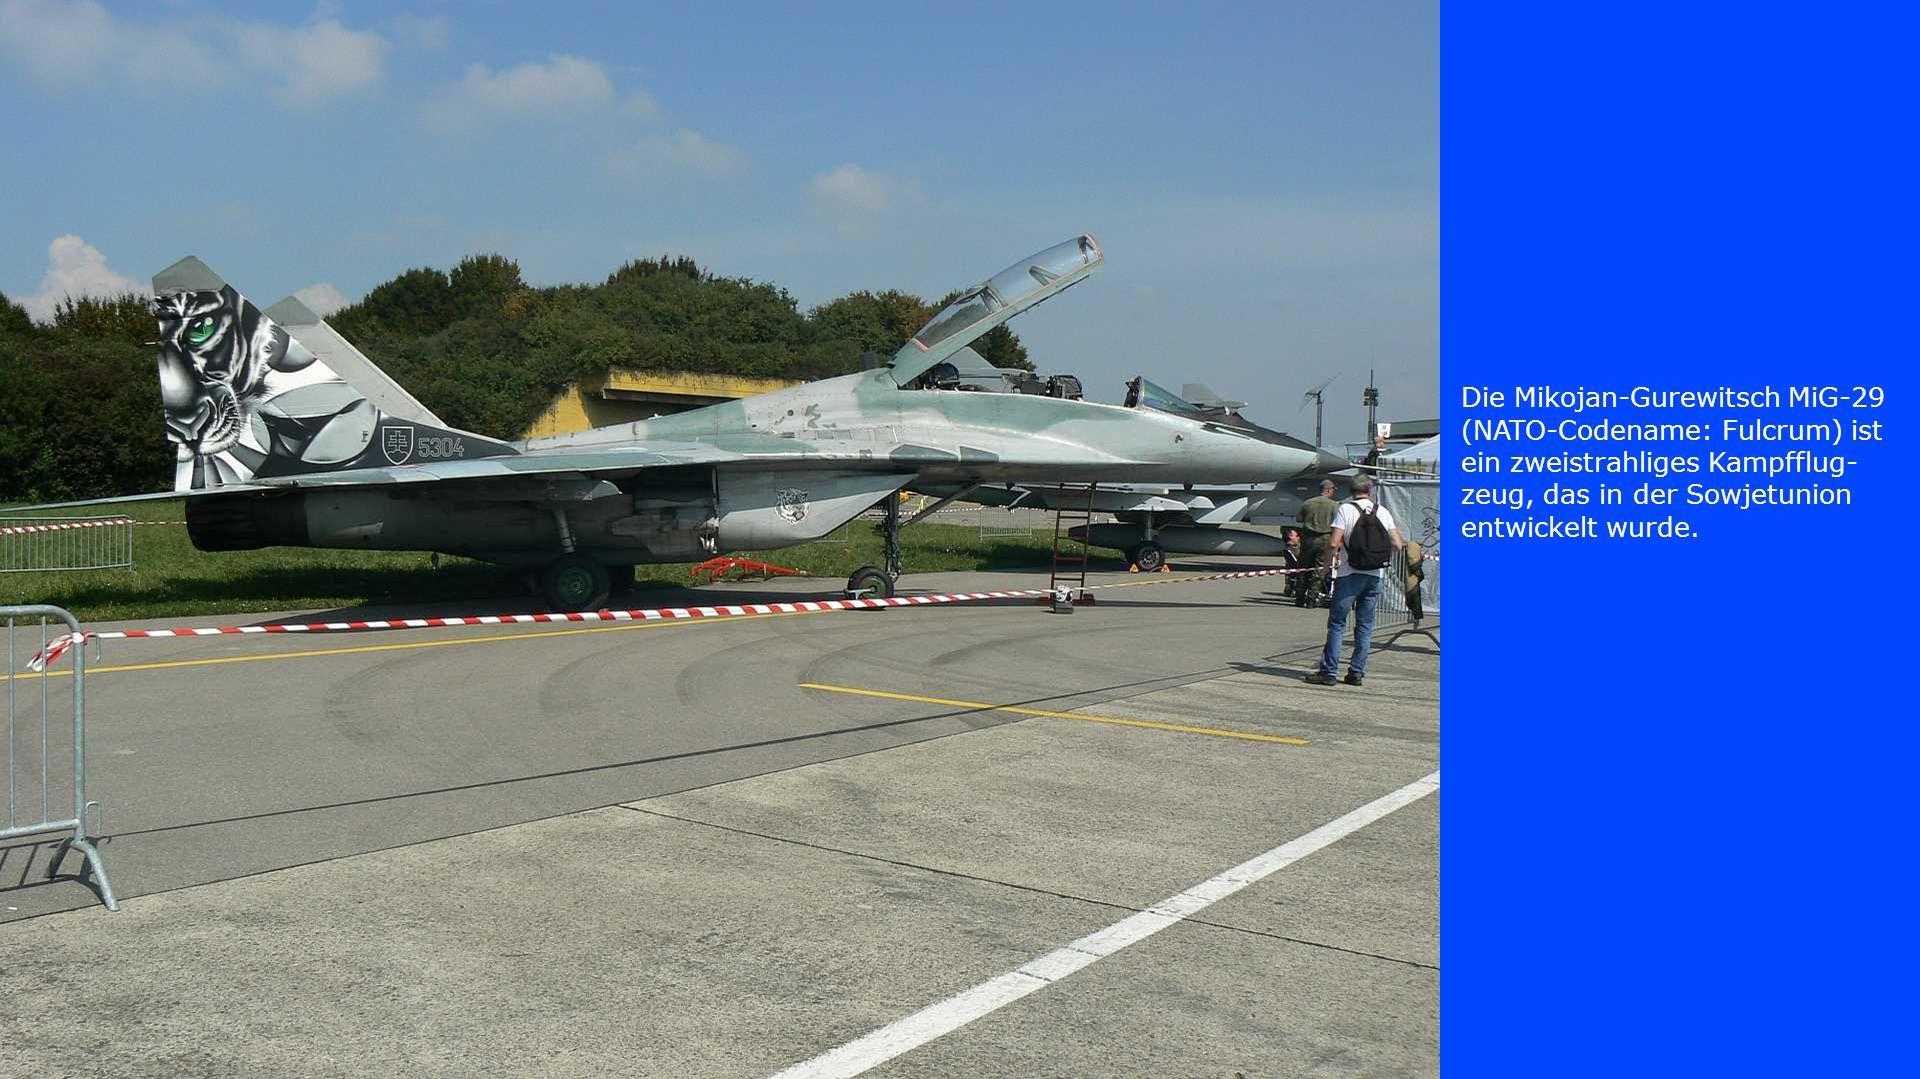 Die Mikojan-Gurewitsch MiG-29 (NATO-Codename: Fulcrum) ist ein zweistrahliges Kampfflug- zeug, das in der Sowjetunion entwickelt wurde.